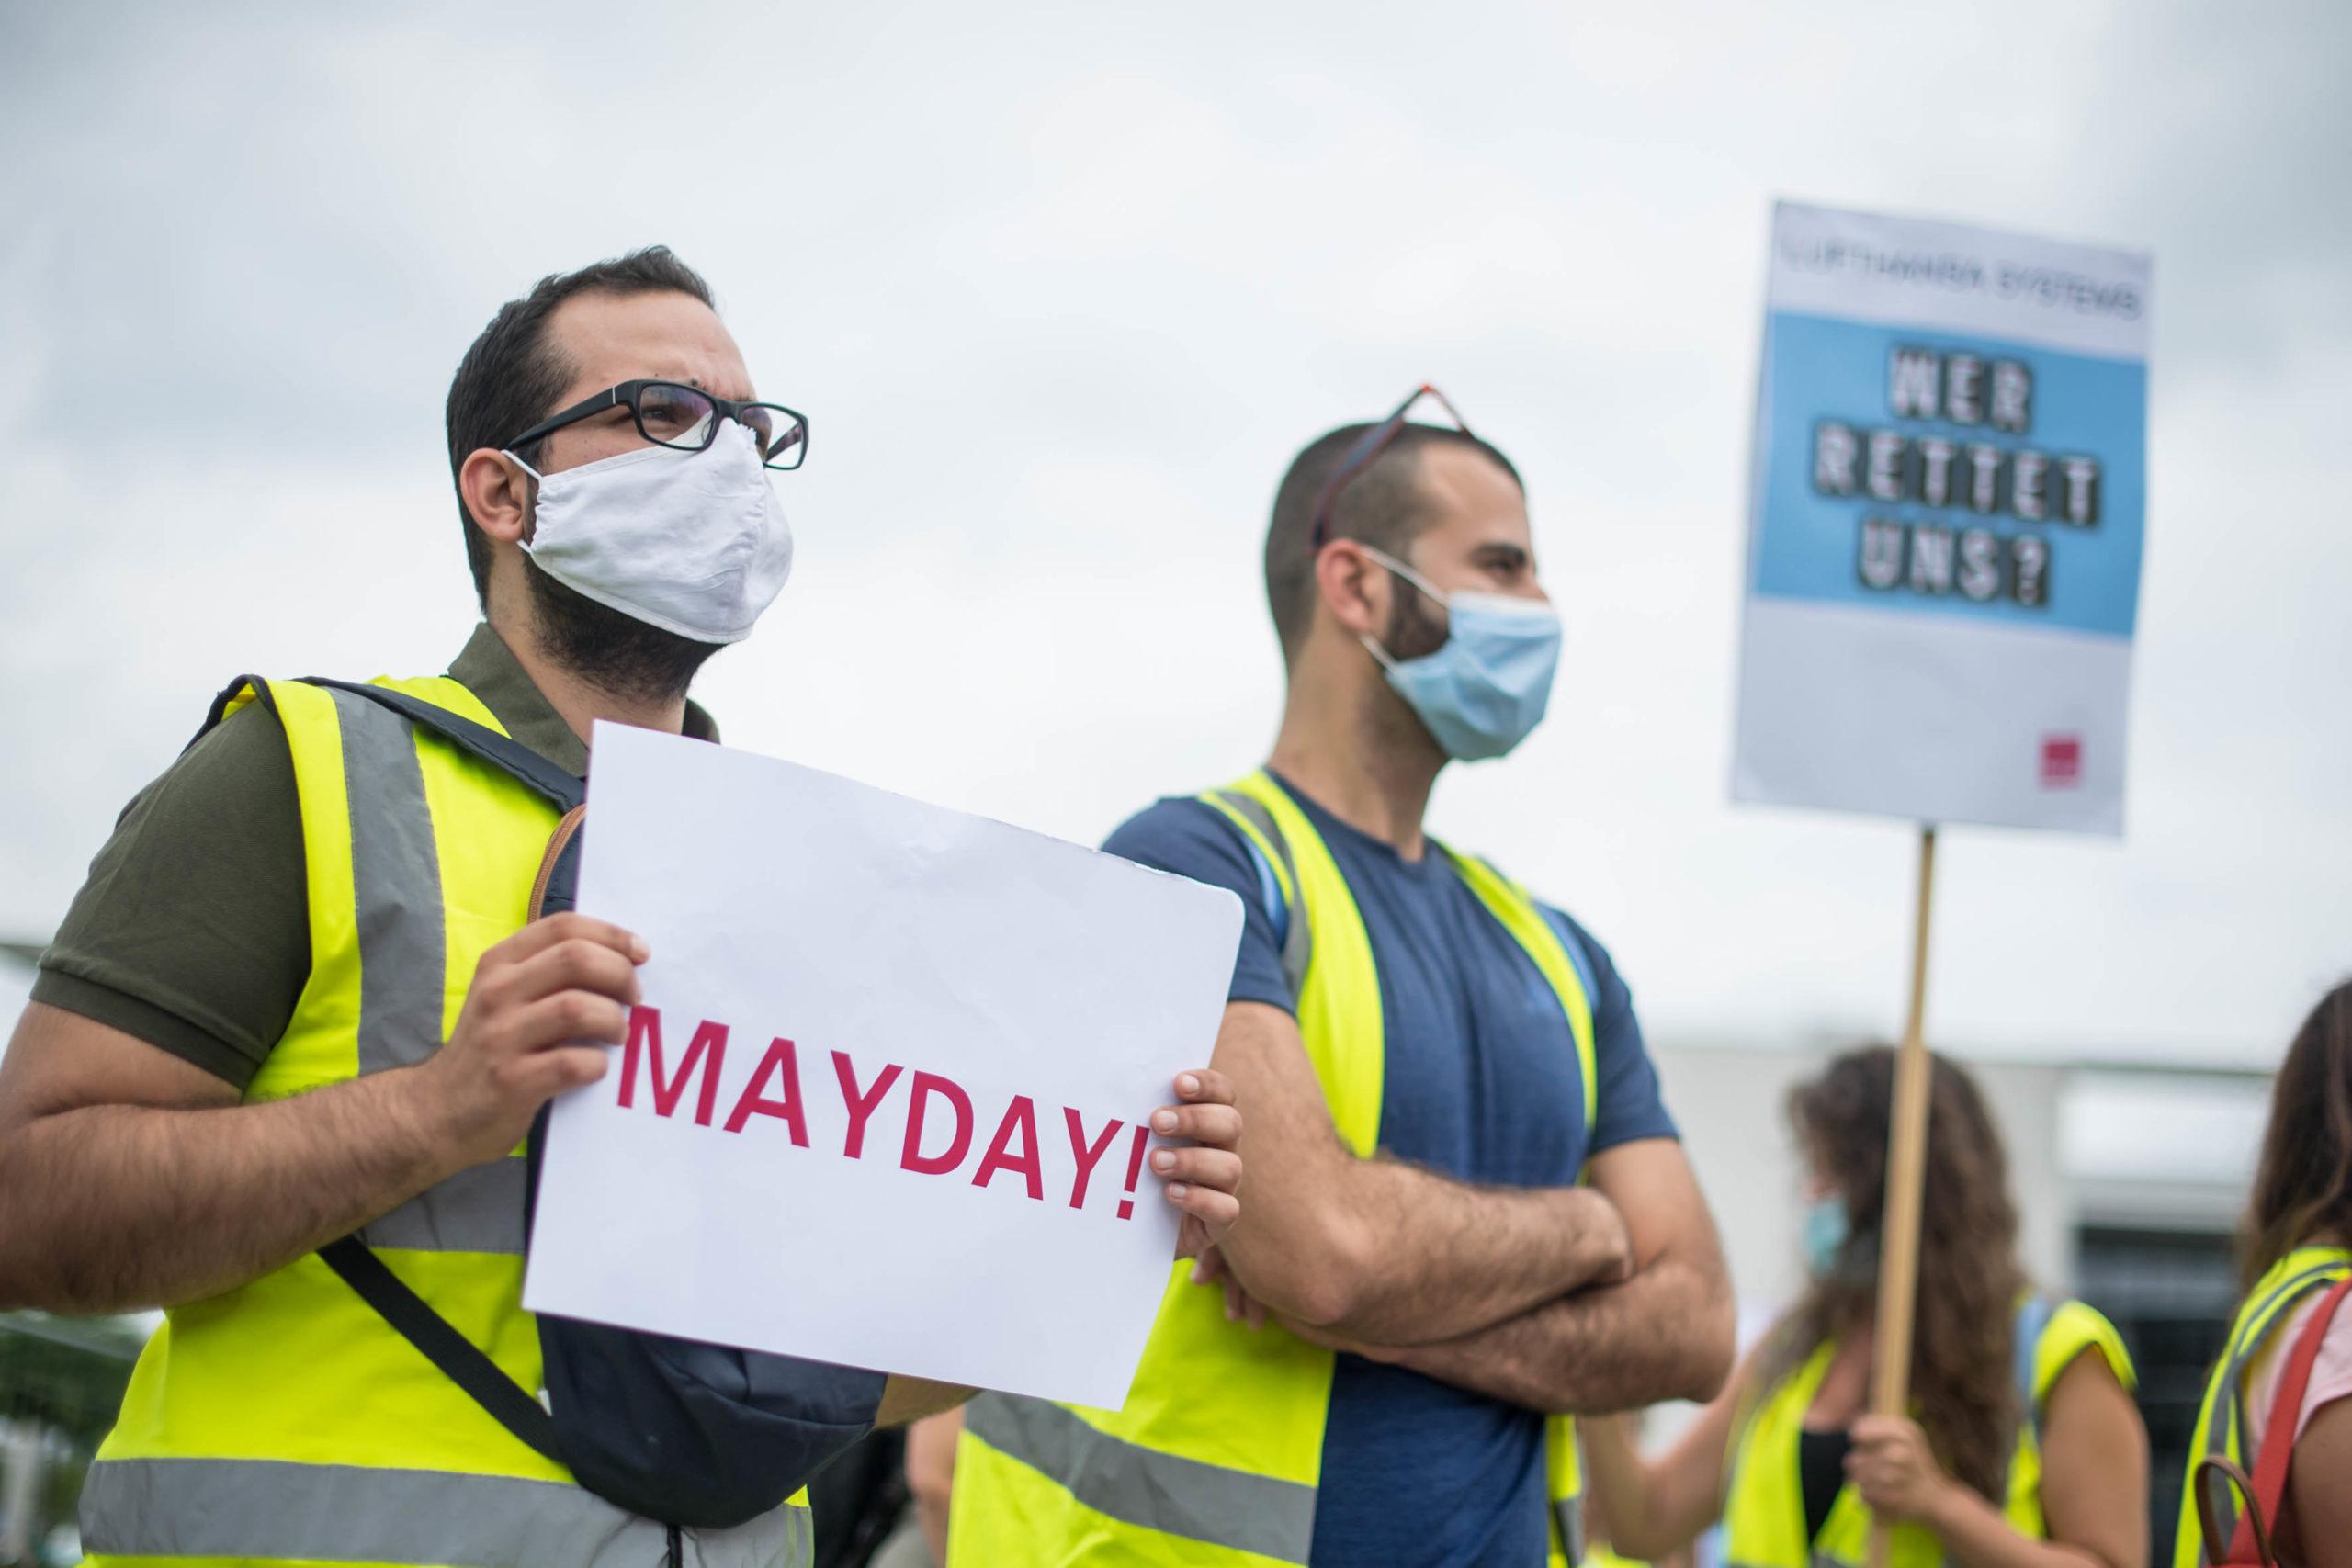 """Demonstrant mit Plakat Aufschrift """"Mayday"""""""